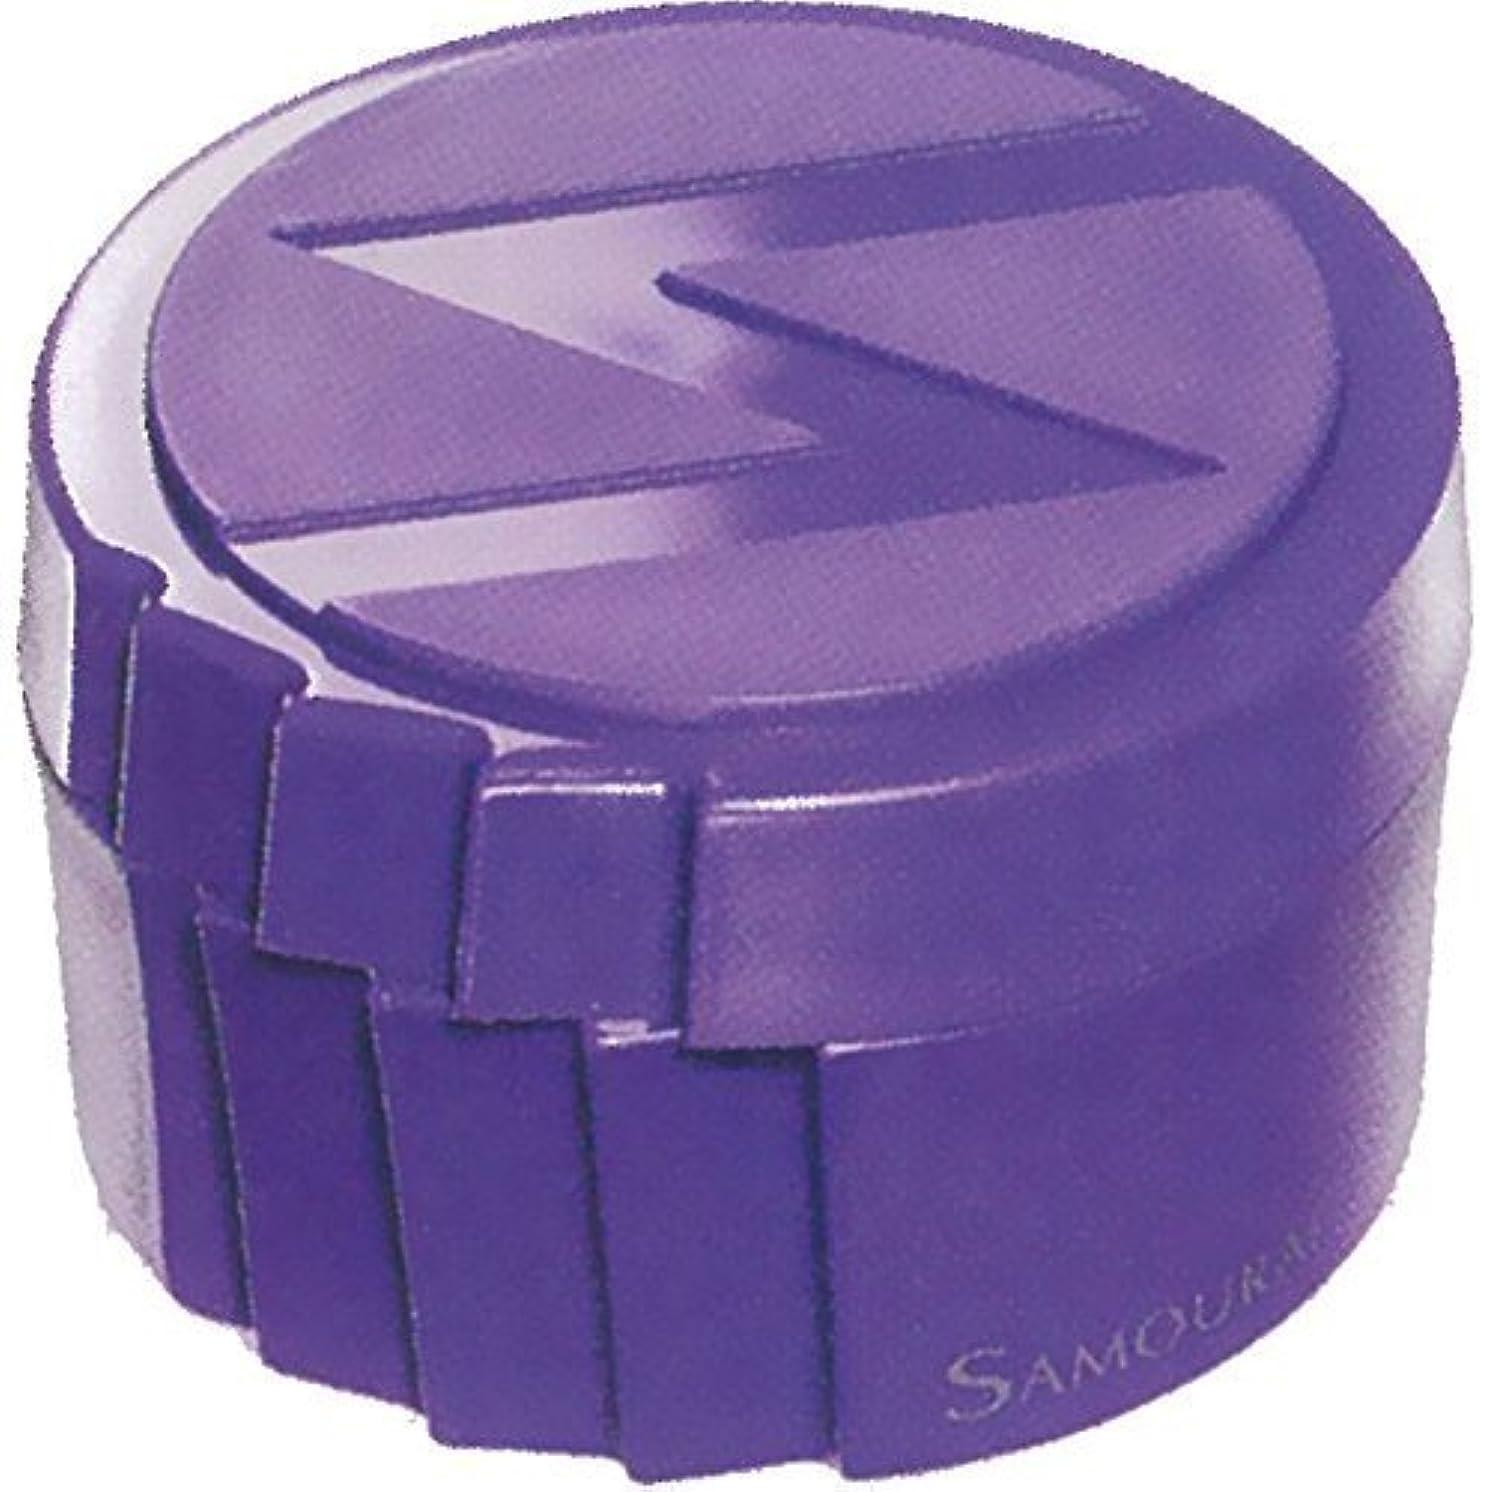 アノイモノグラフペンサムライスタイル プラスター スライミー